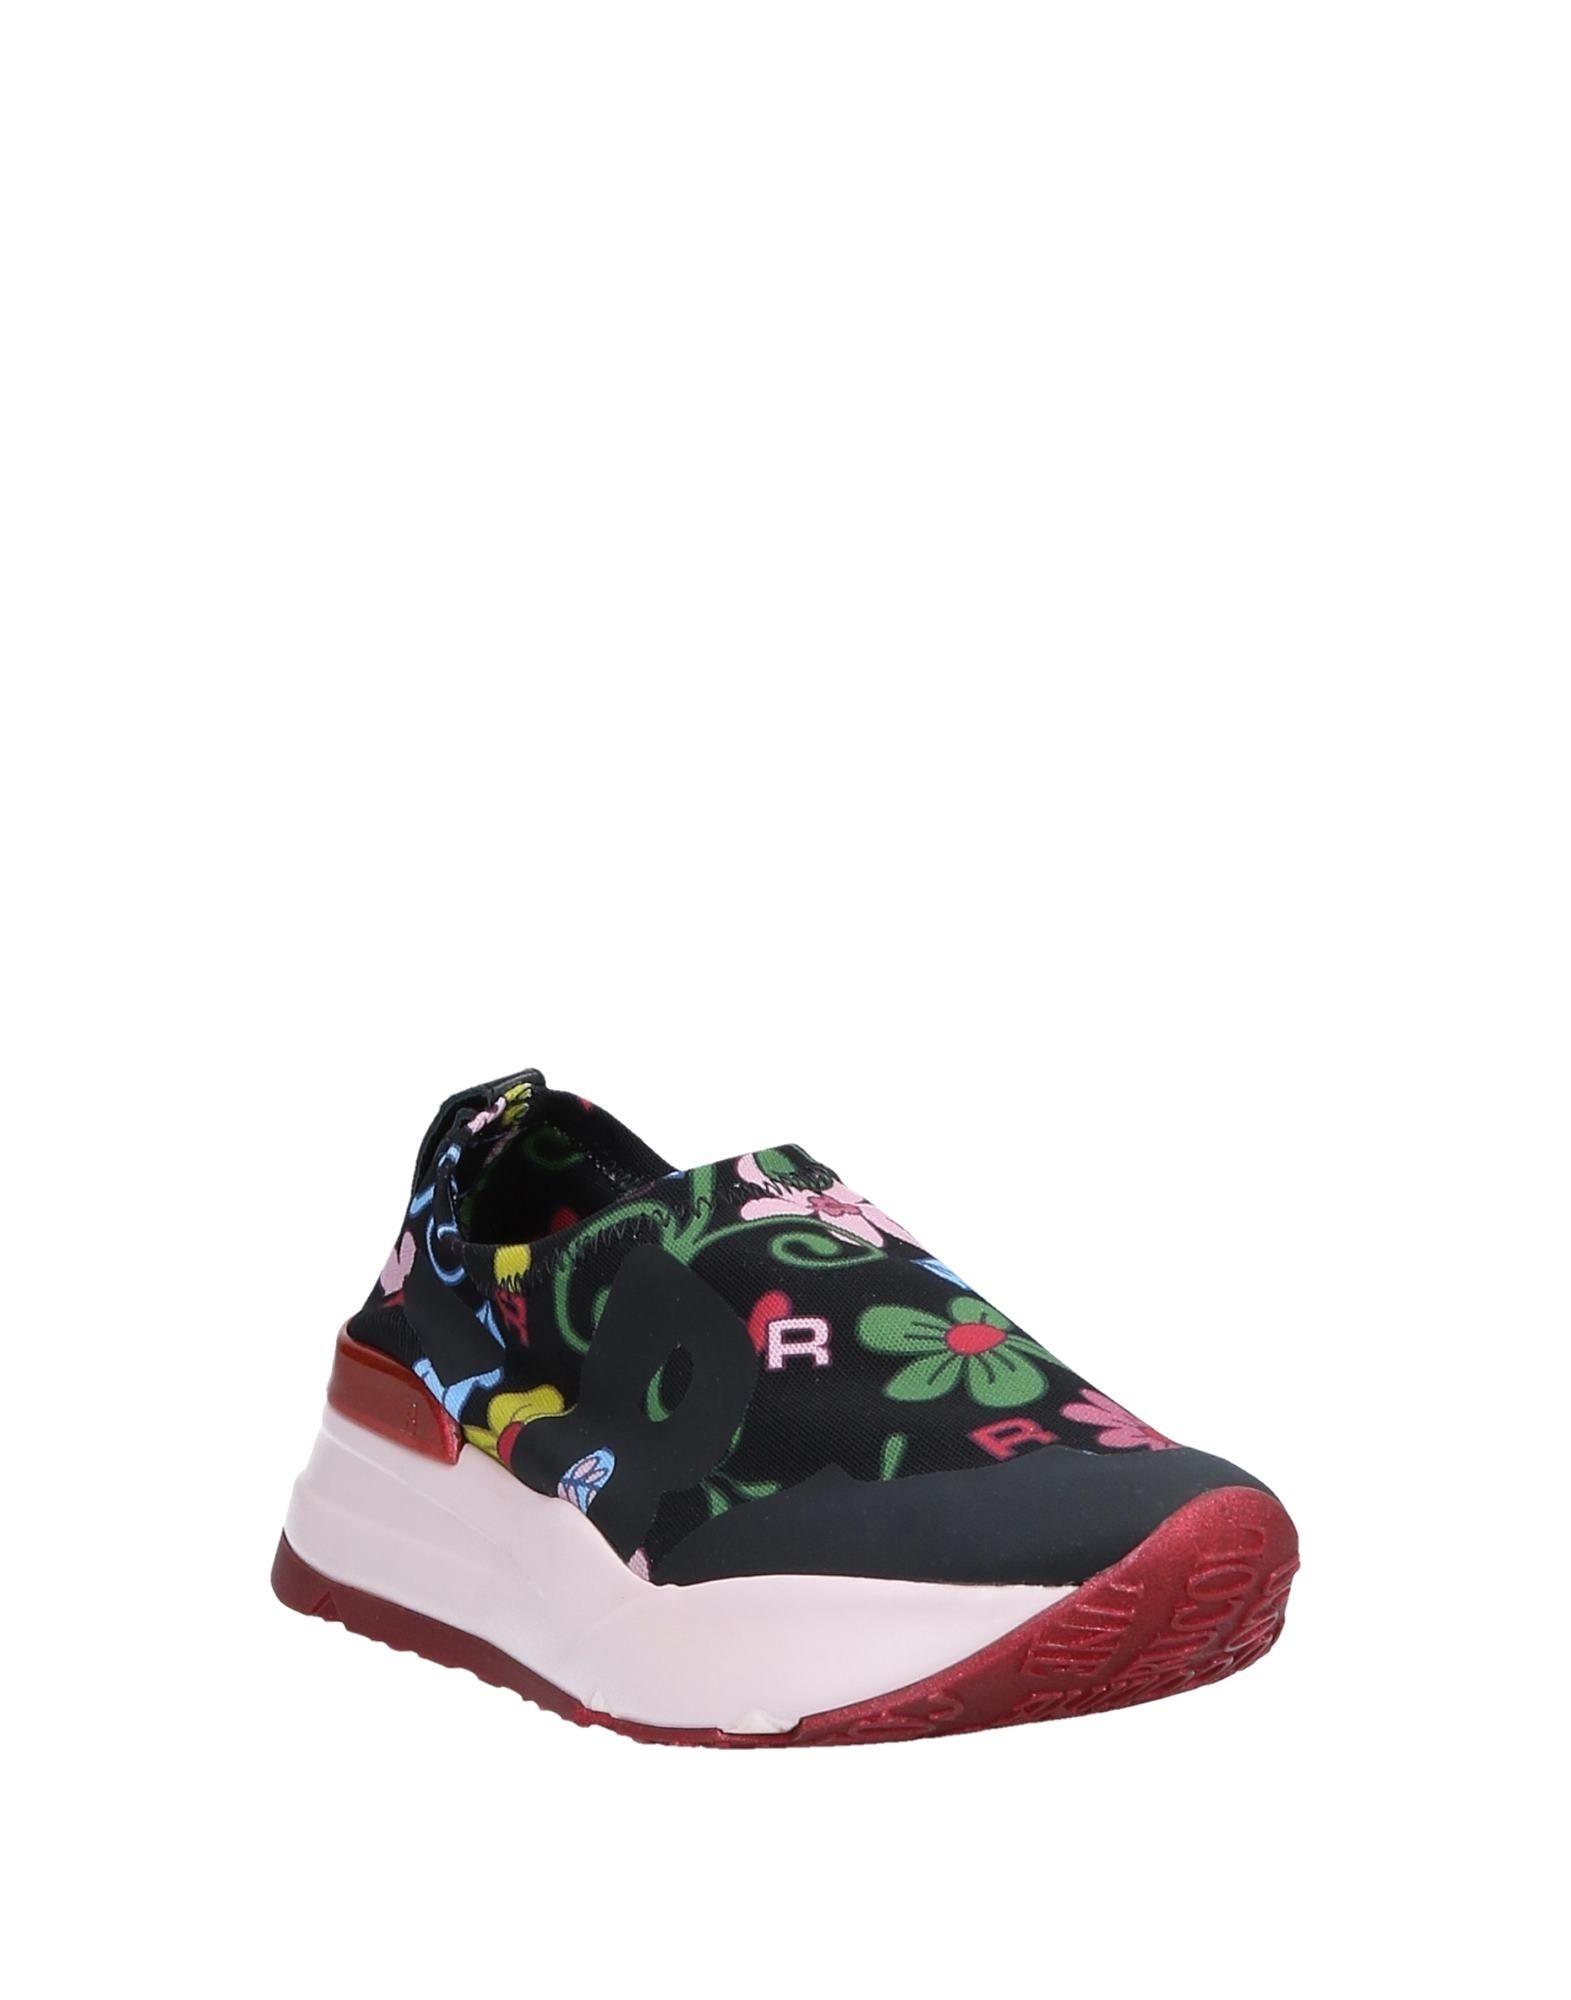 Stilvolle billige Schuhe Damen Ruco Line Sneakers Damen Schuhe  11567910OA 636424